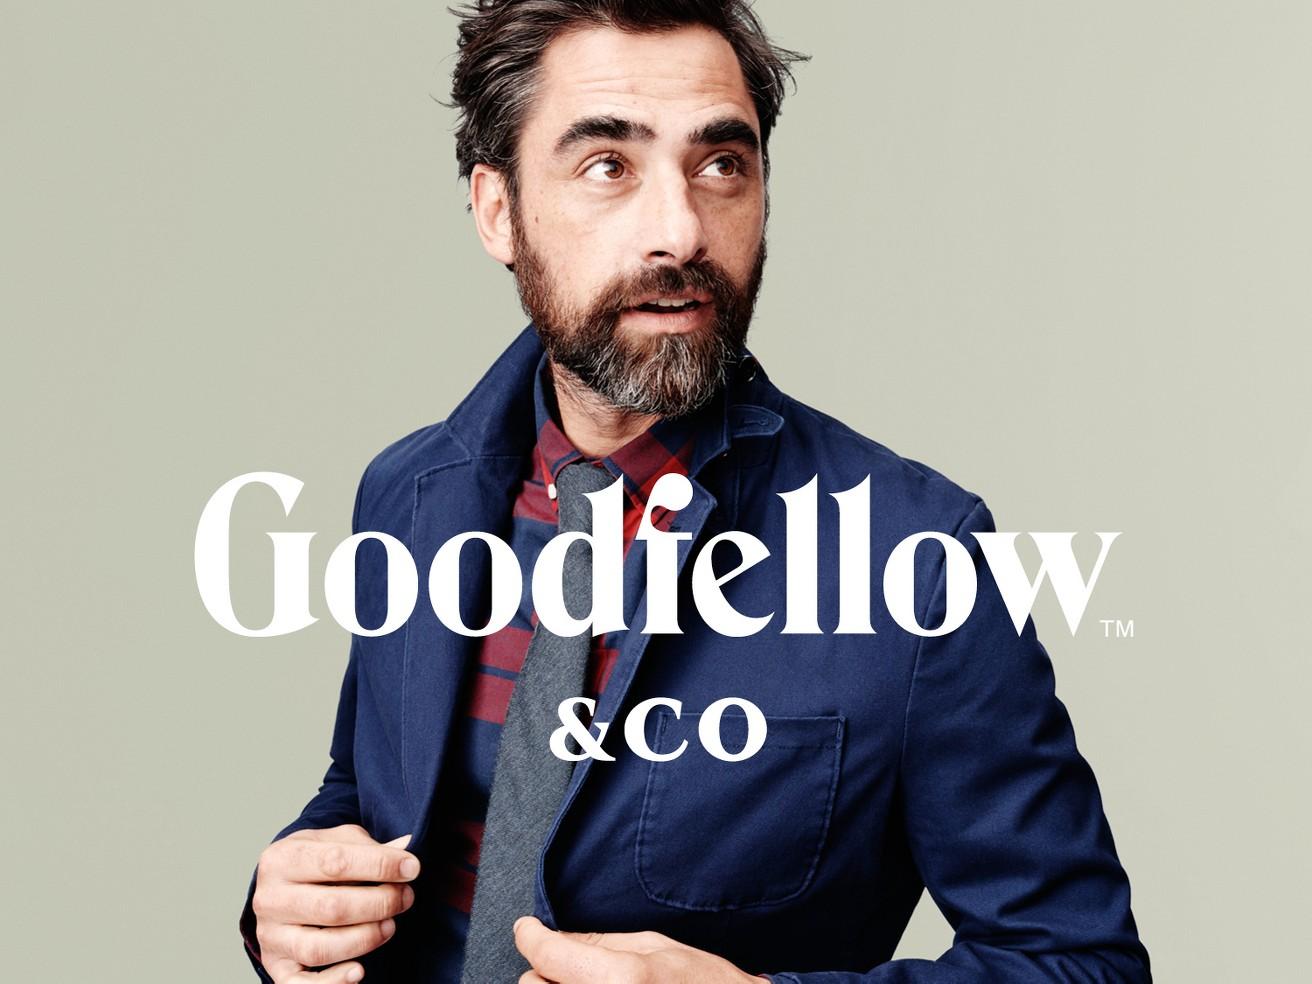 jean jackets goodfellow u0026 co target